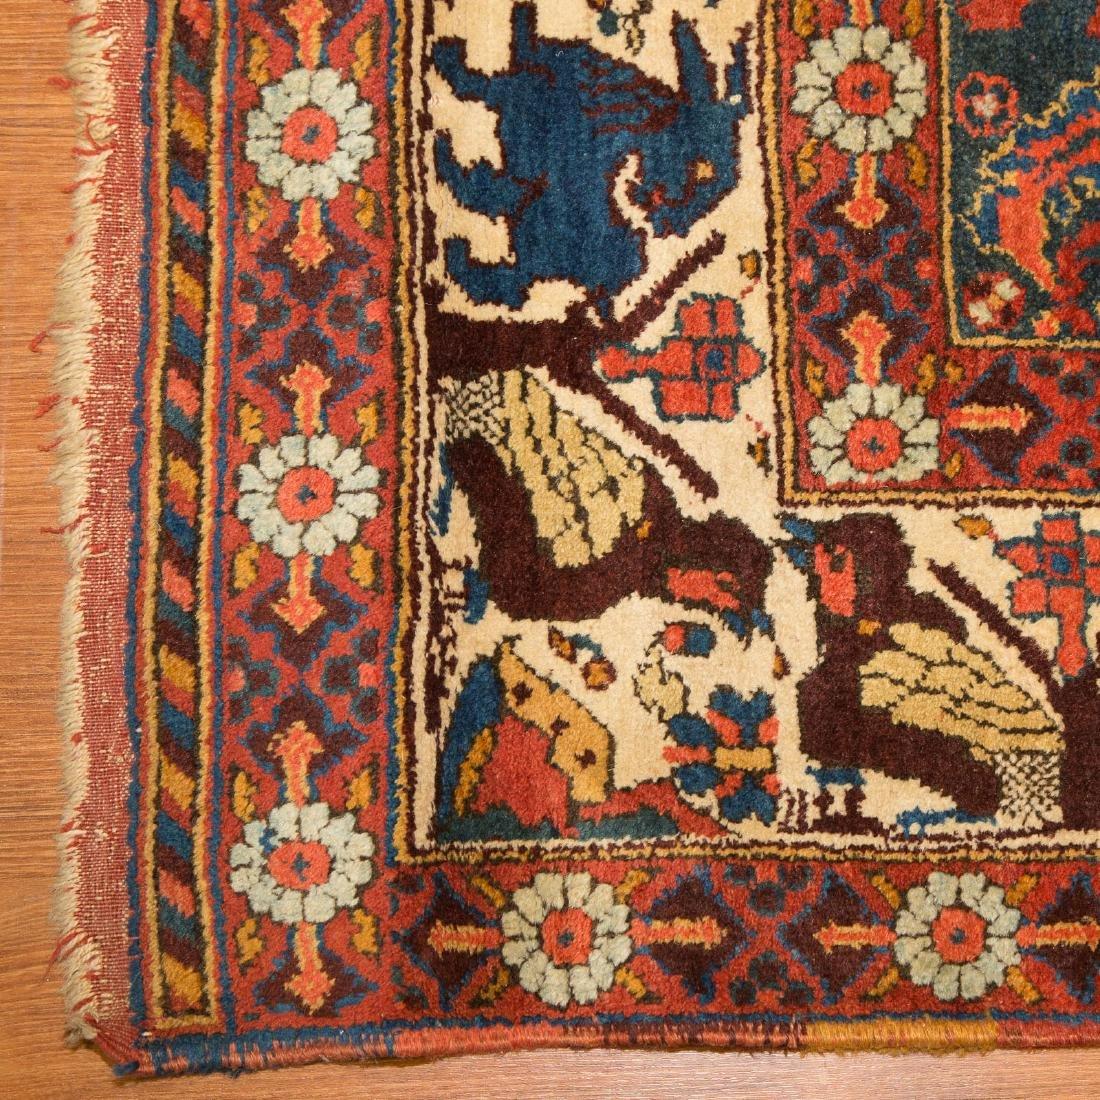 Antique Kashkai runner, approx. 3.10 x 12.4 - 2